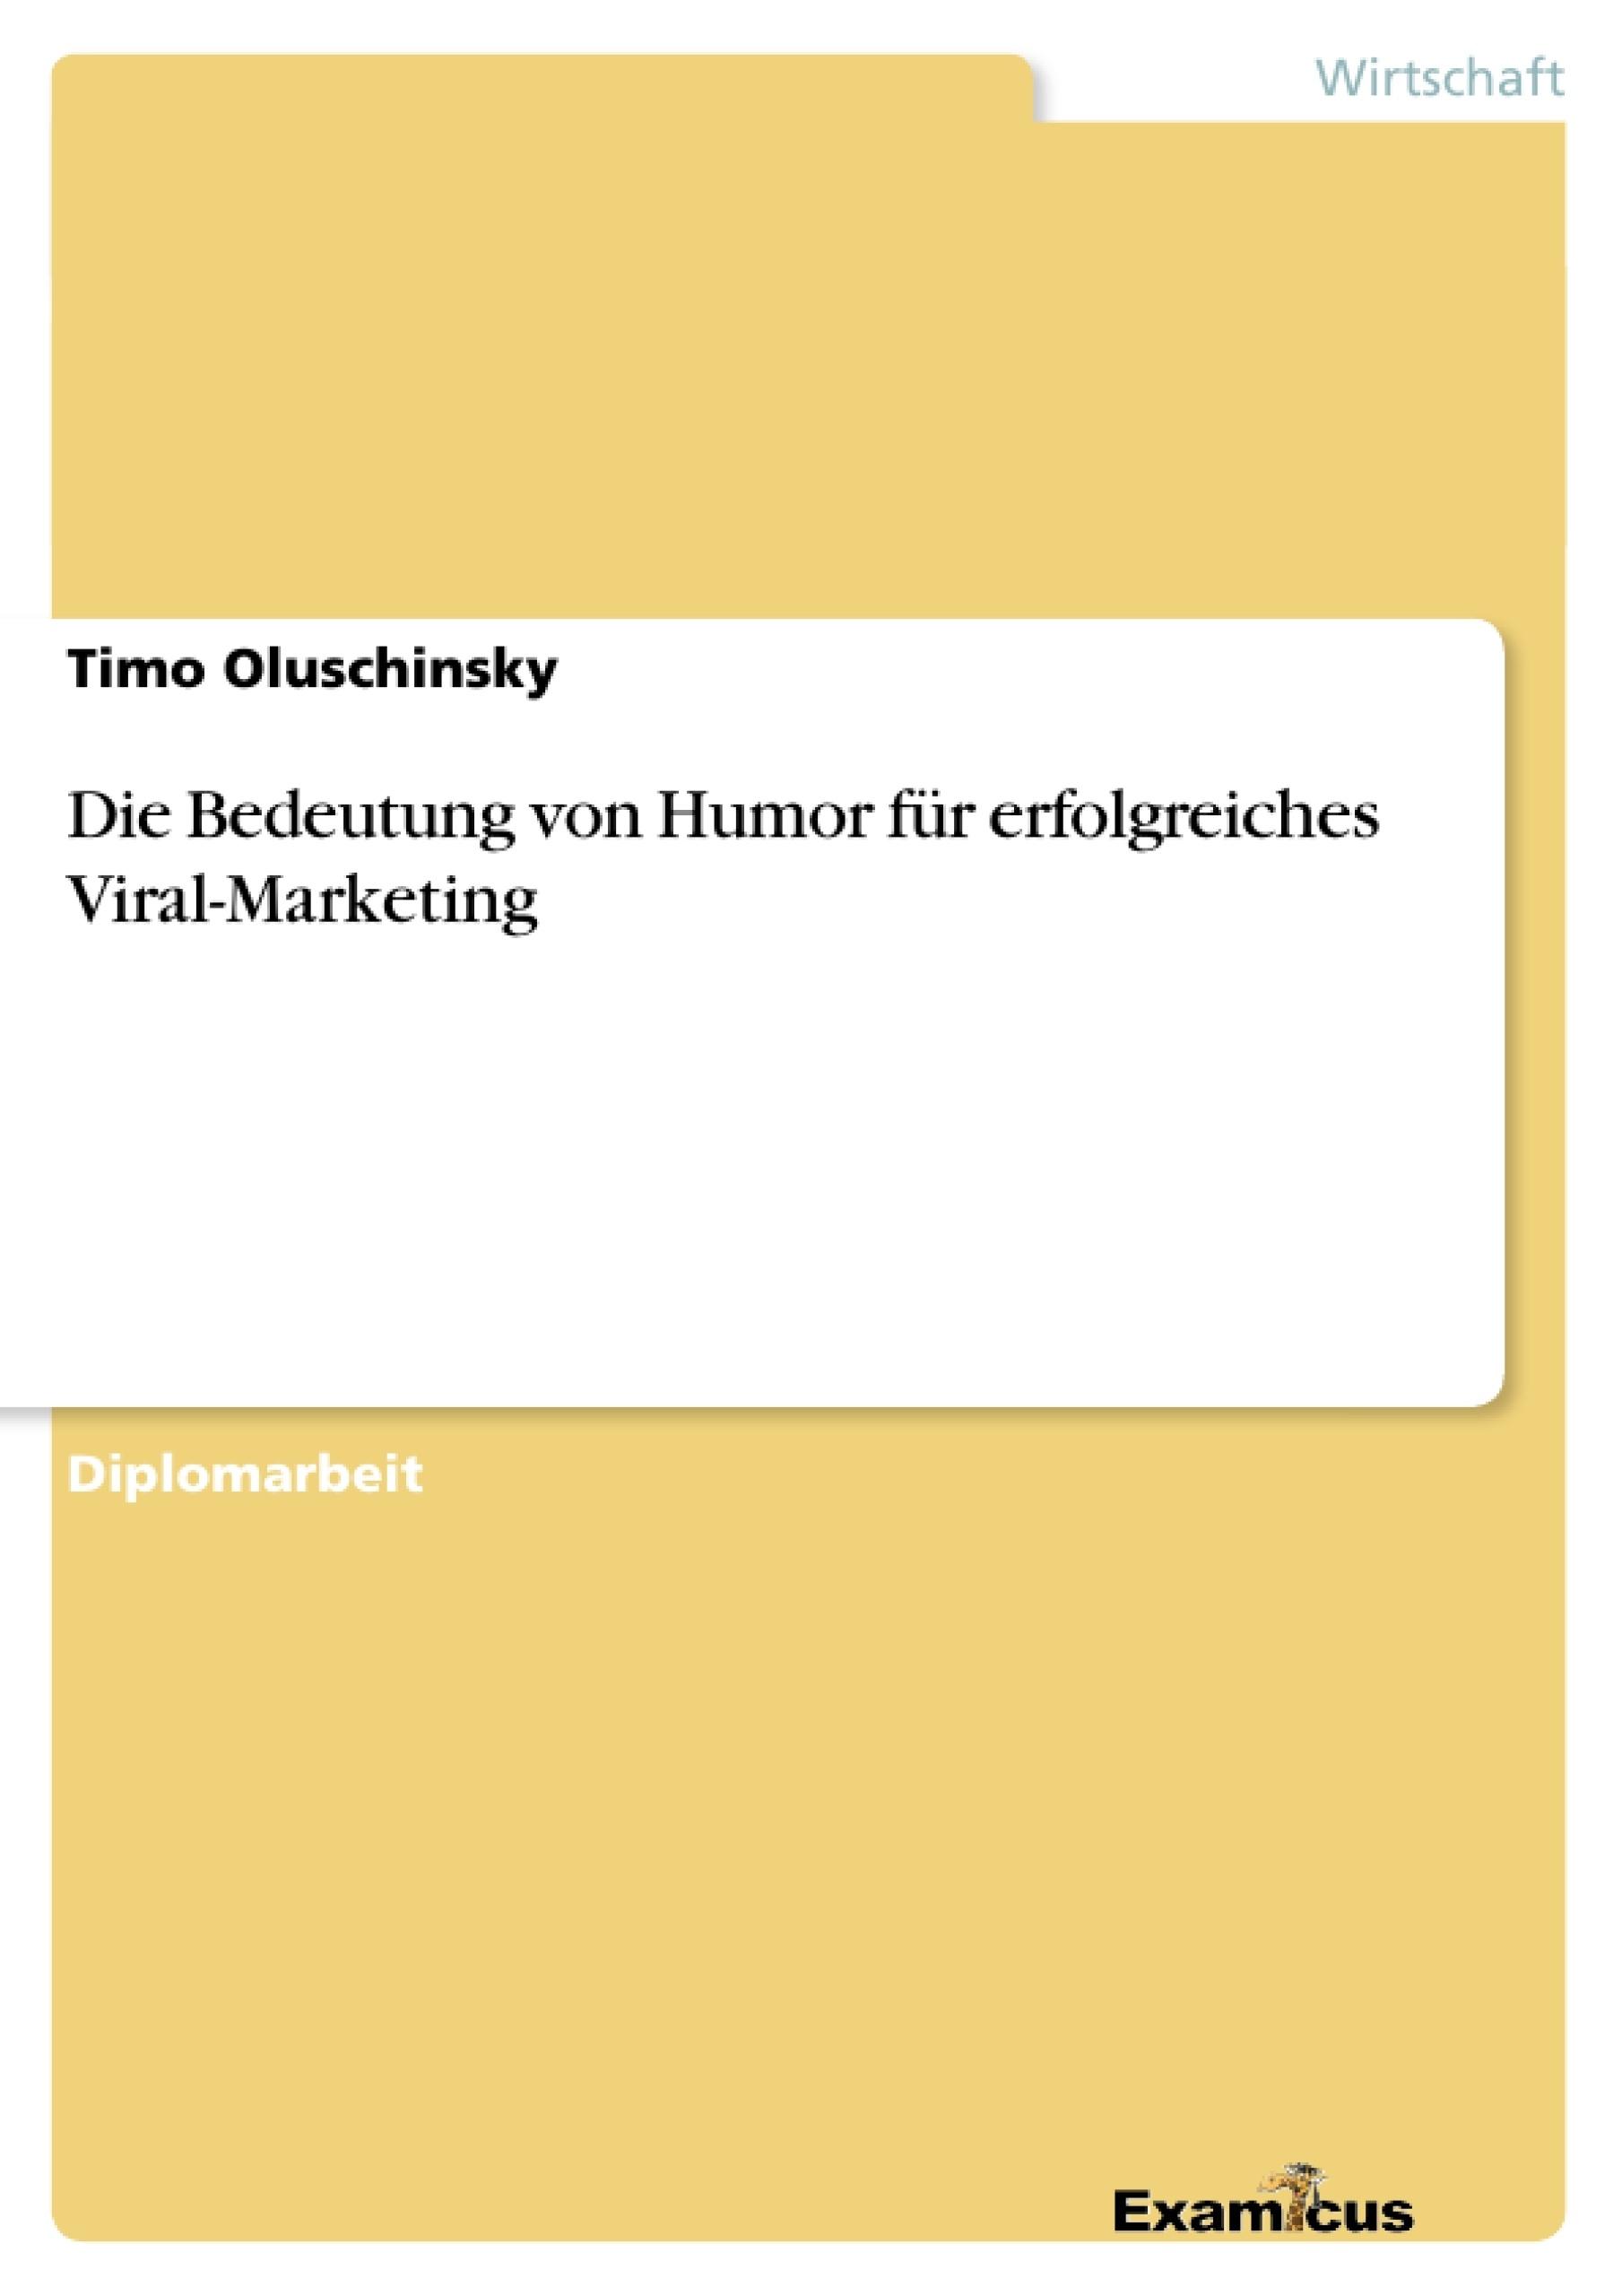 Titel: Die Bedeutung von Humor für erfolgreiches Viral-Marketing